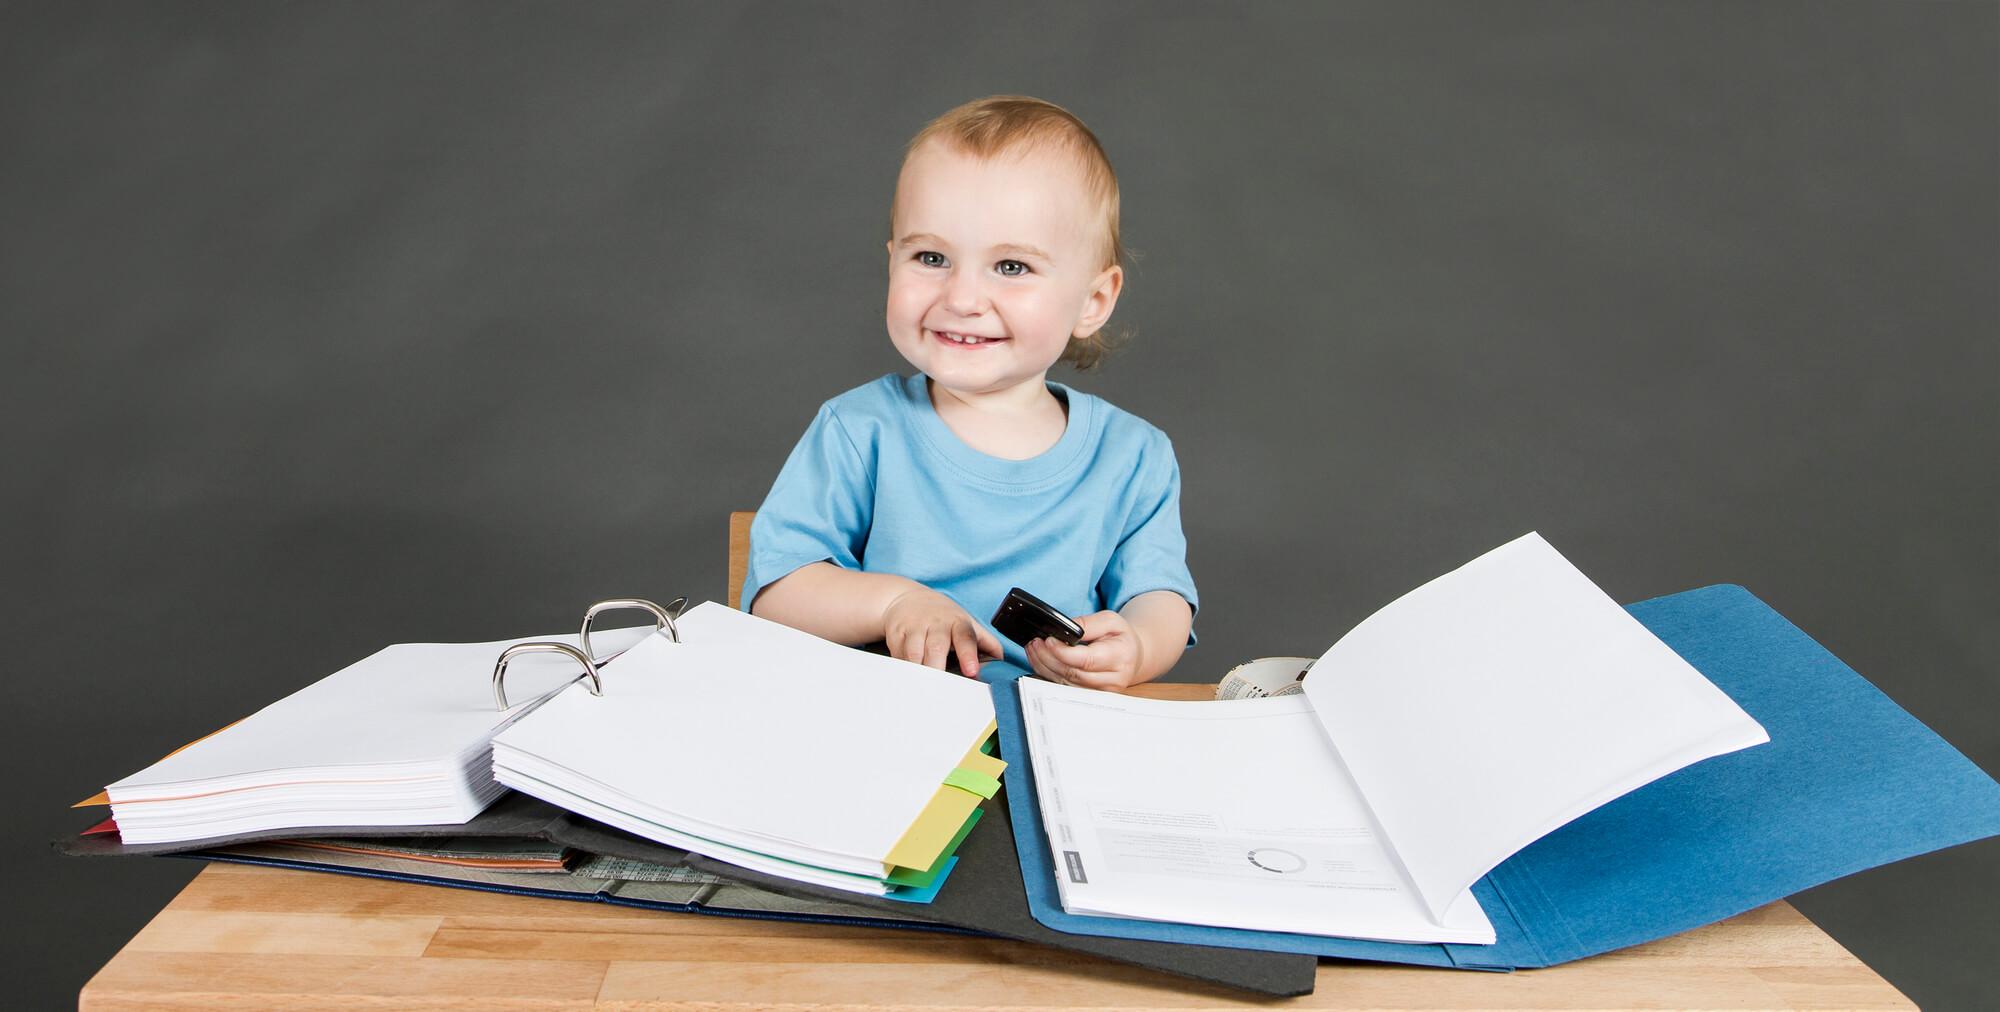 для прописать ребенка в москве помнить